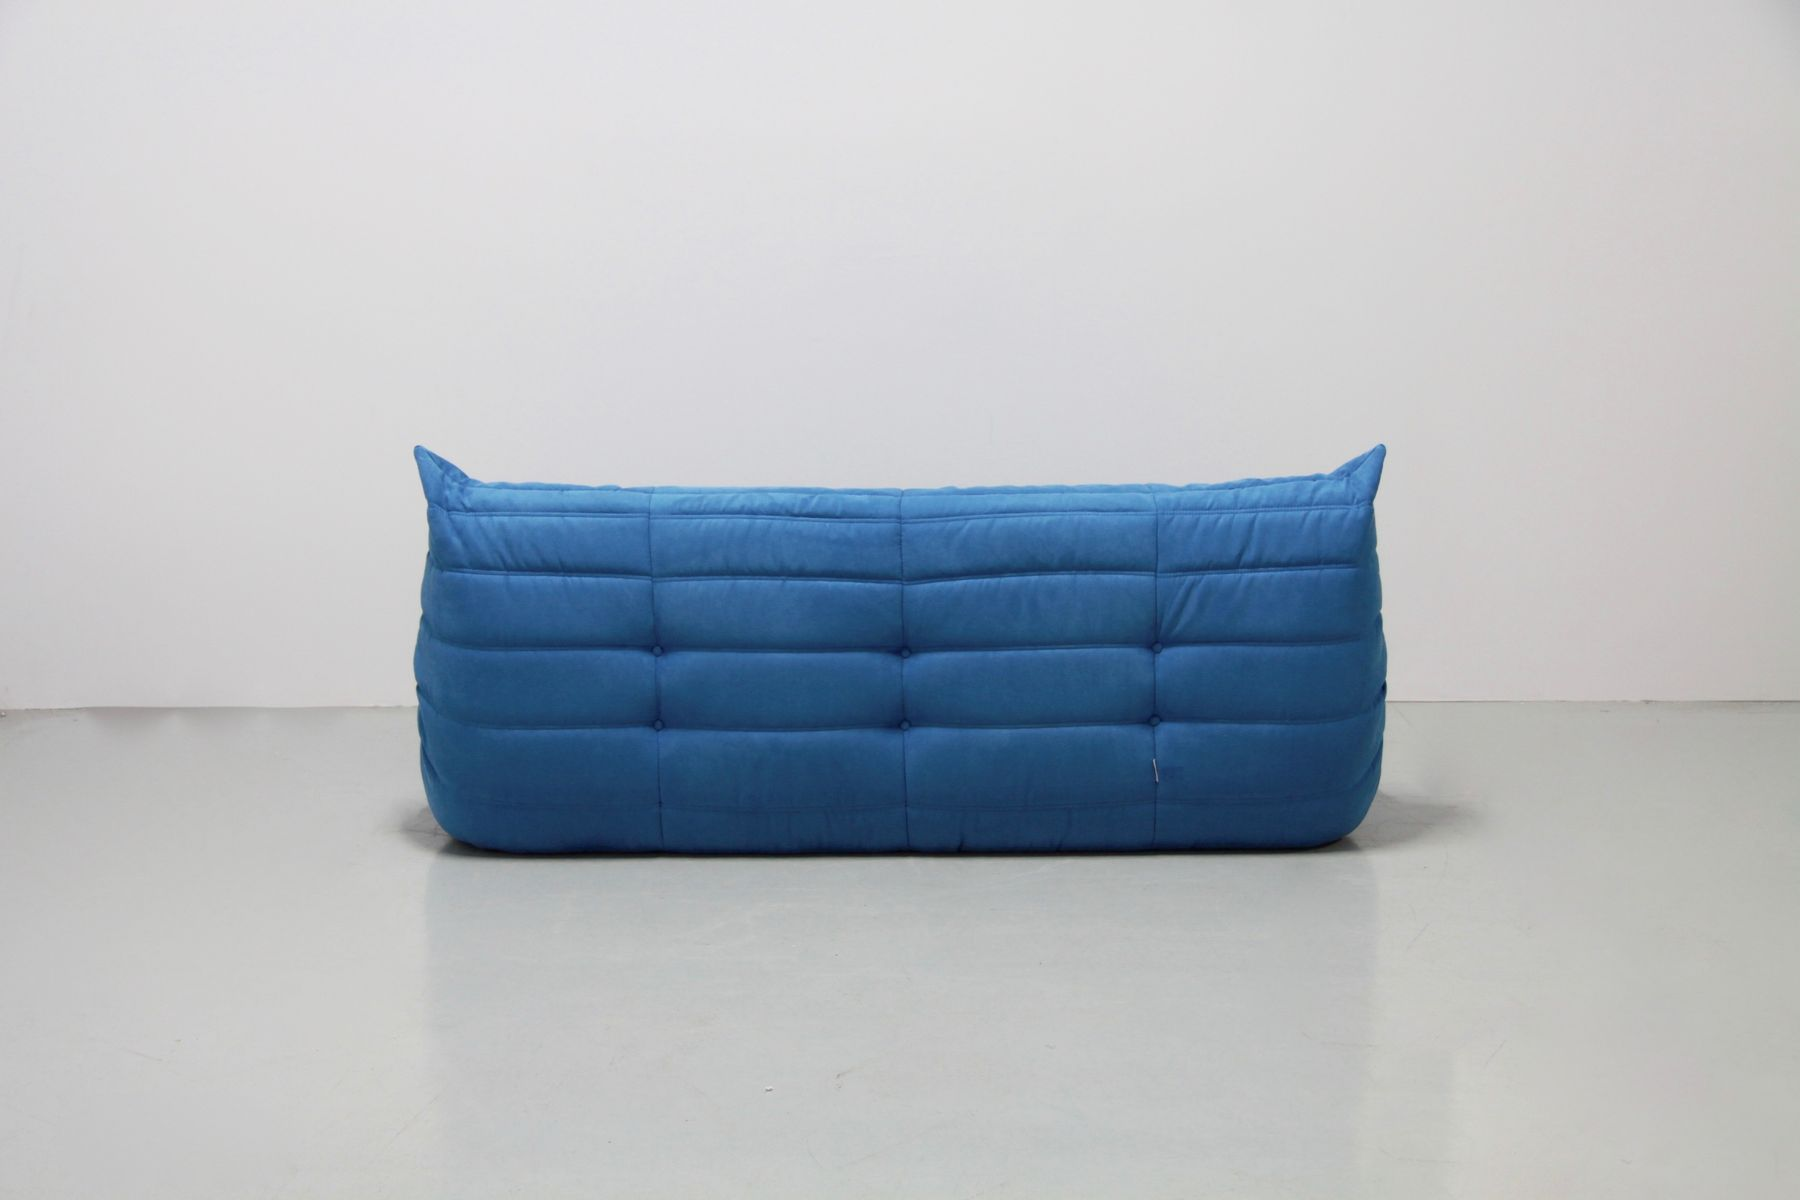 vintage turquoise togo set by michel ducaroy for ligne. Black Bedroom Furniture Sets. Home Design Ideas